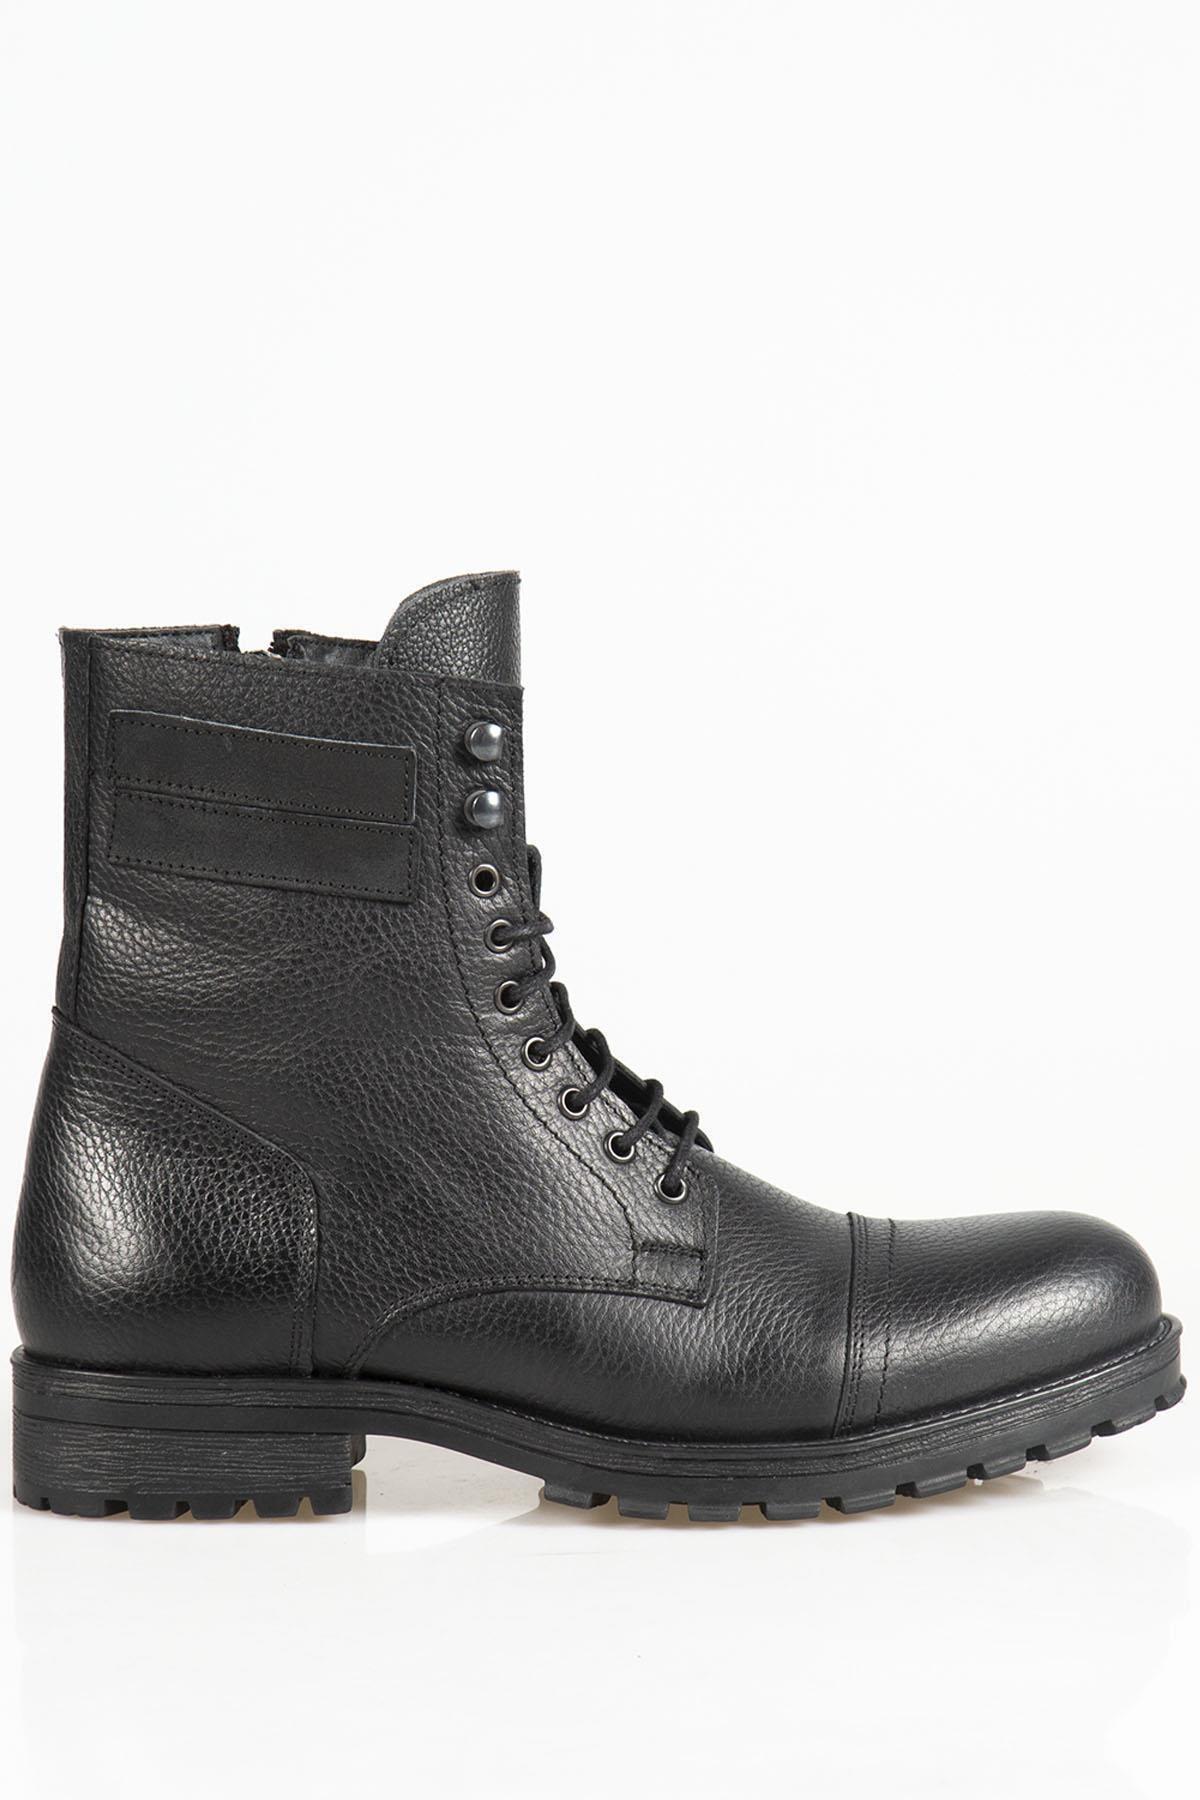 Ayakkabı Çarşı Kahverengi Askeri Kürklü Erkek Bot Bt118 2